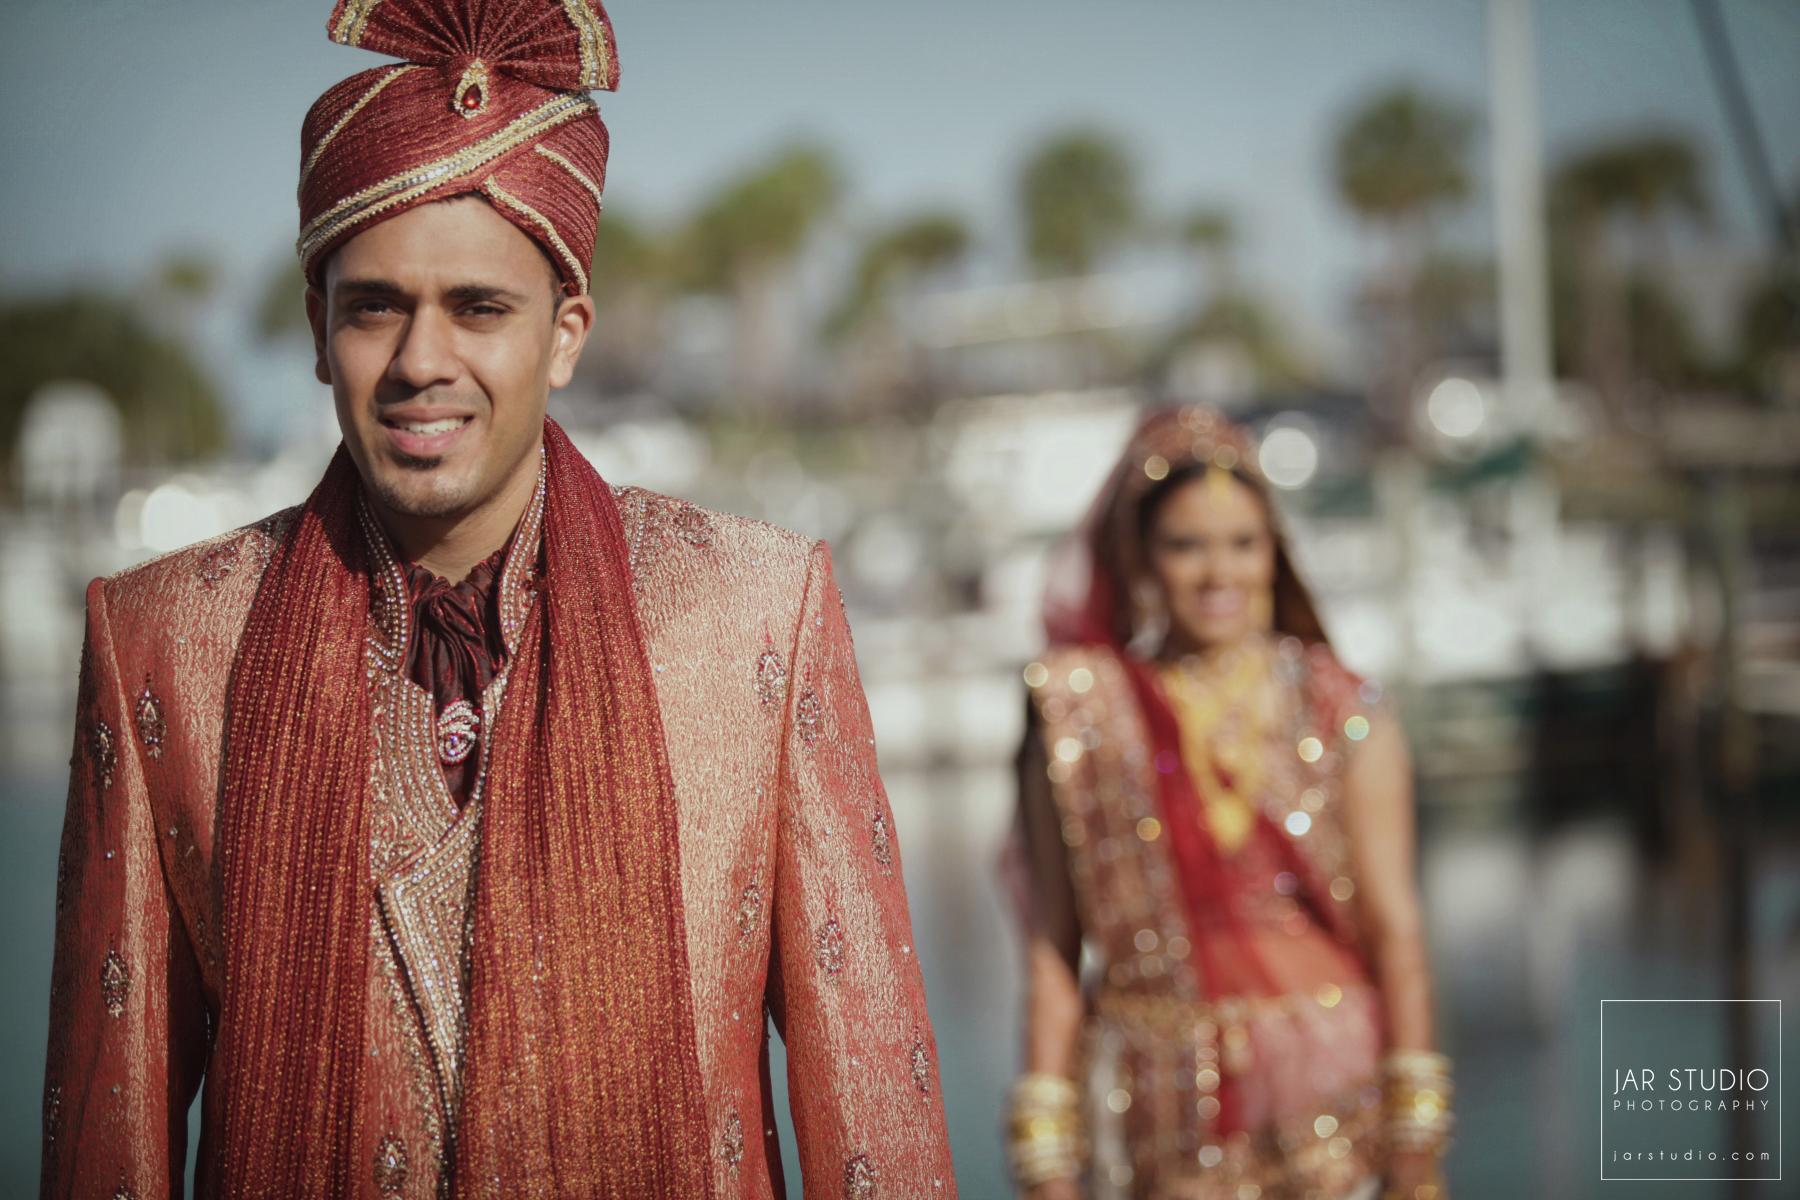 20-groom-Sherwani-jarstudio-indian-weddings-photography-florida.JPG